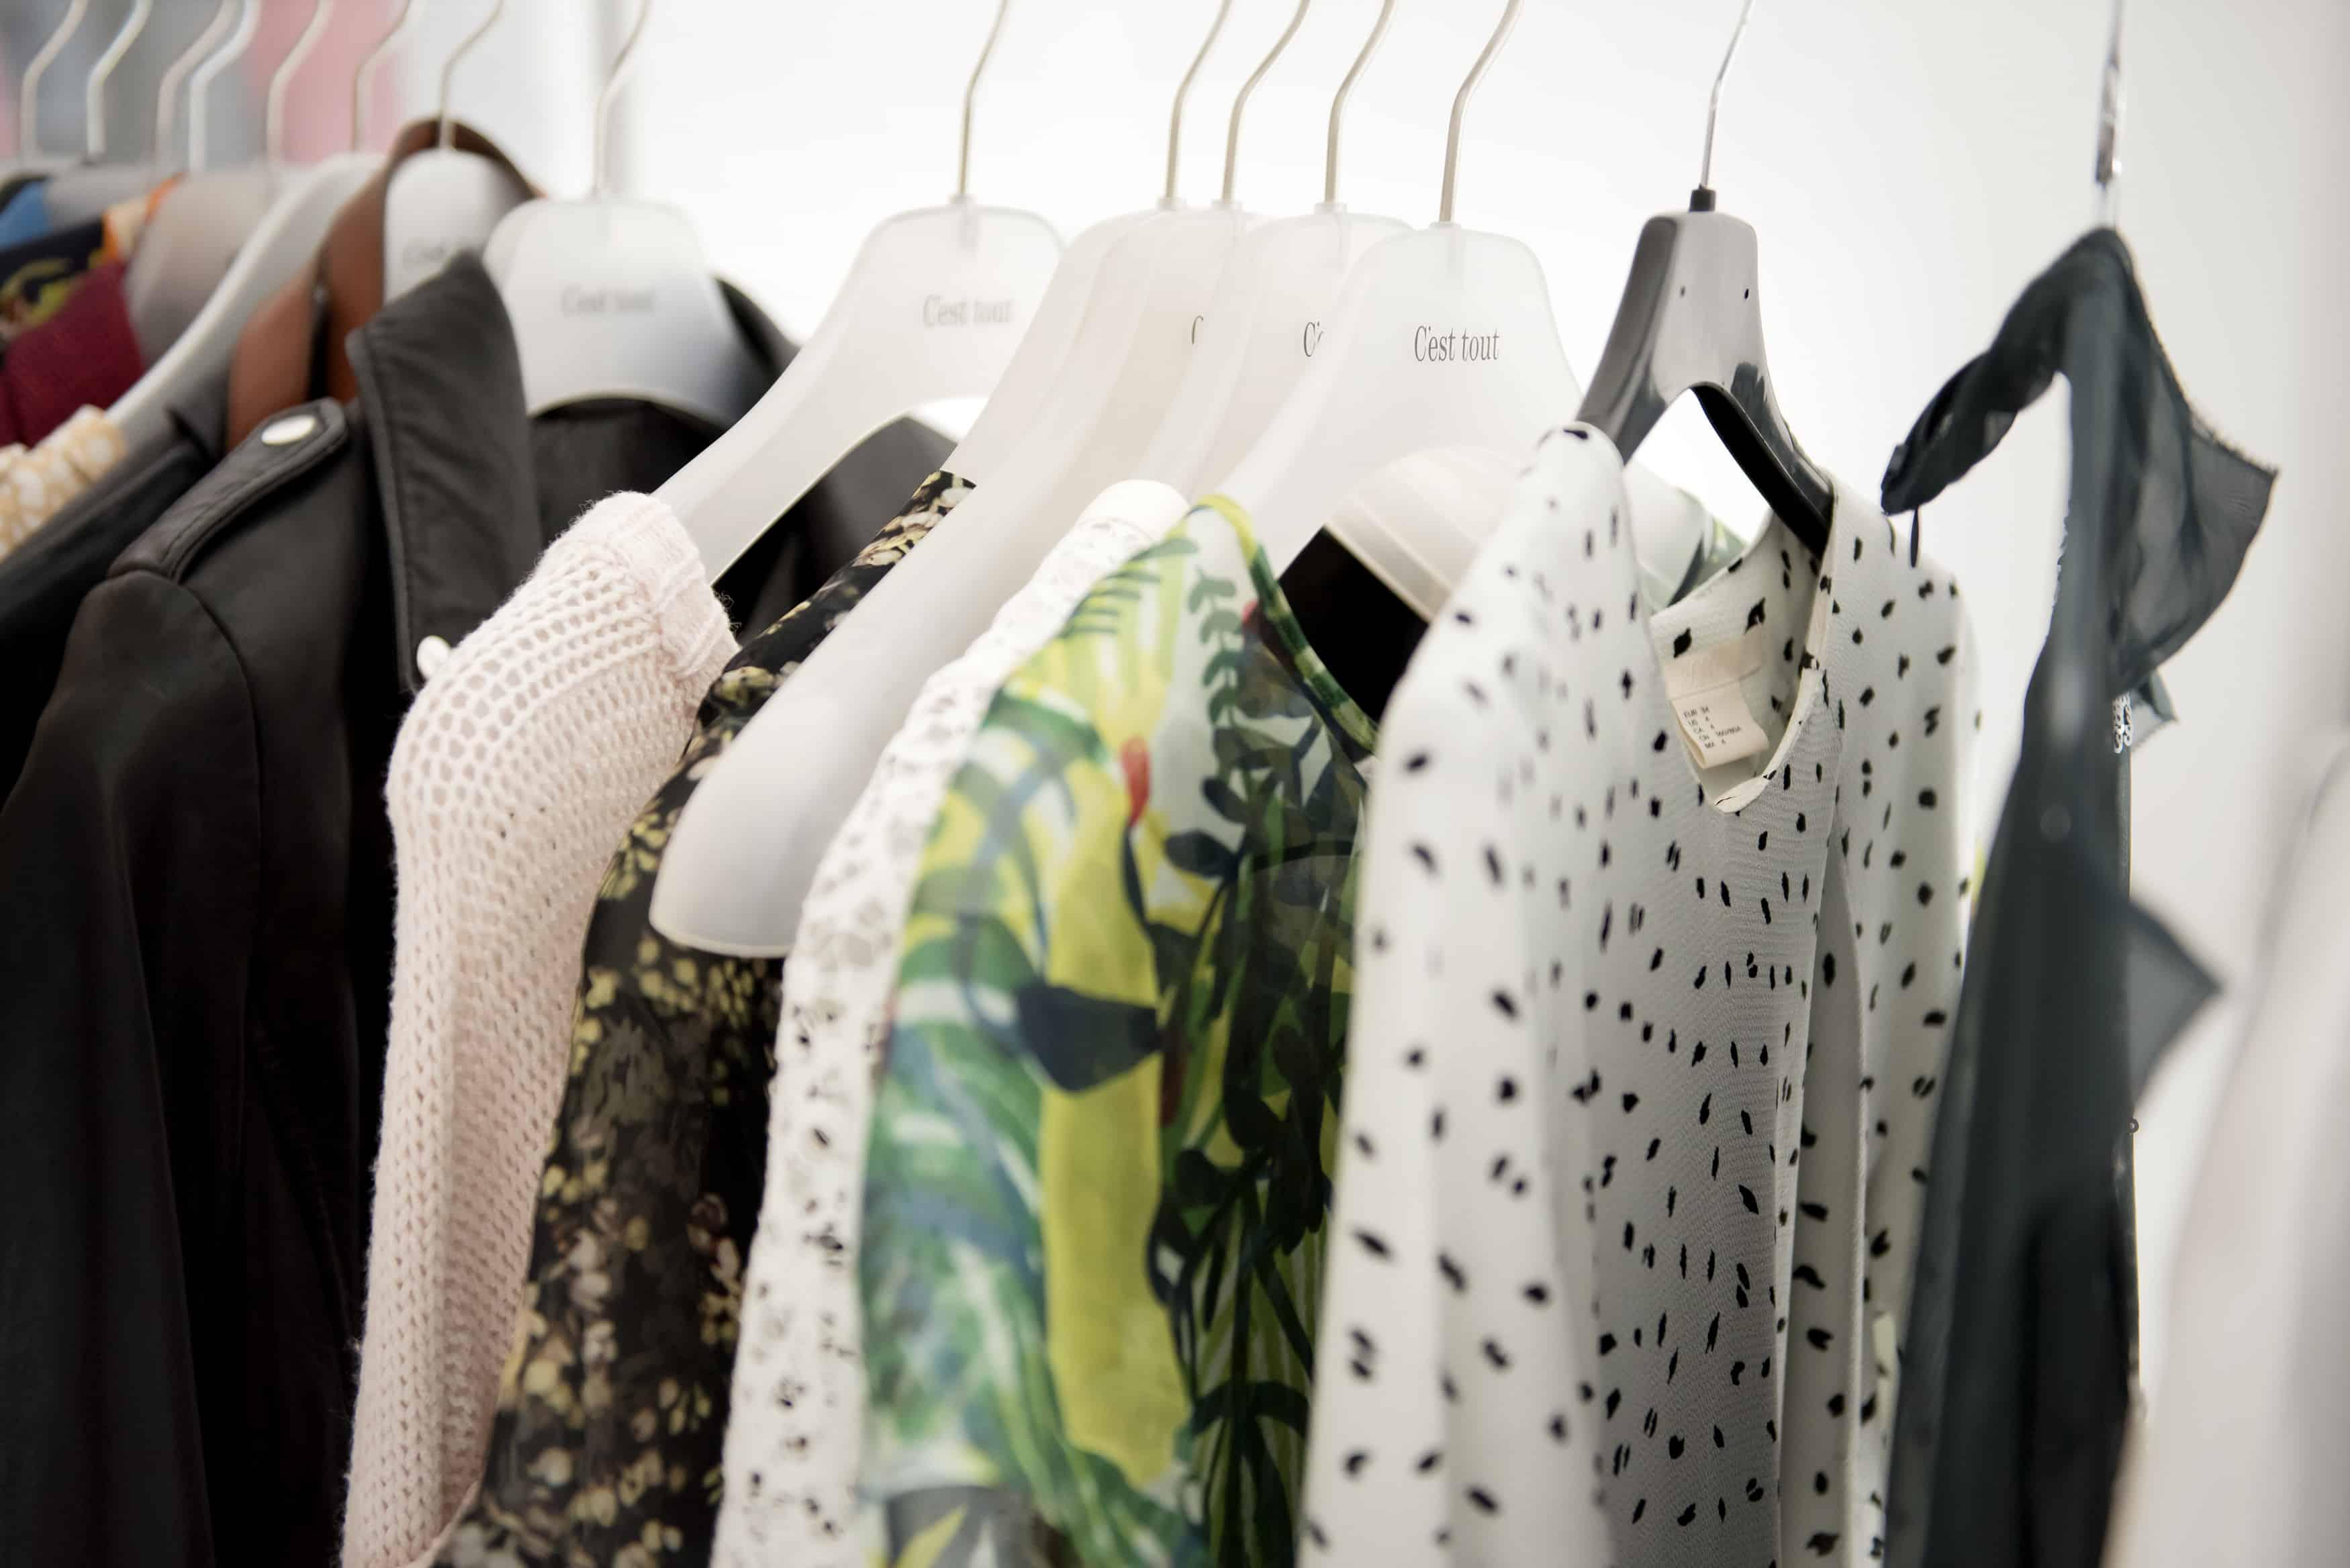 حيل منزلية بسيطة لتعطير دولاب الملابس